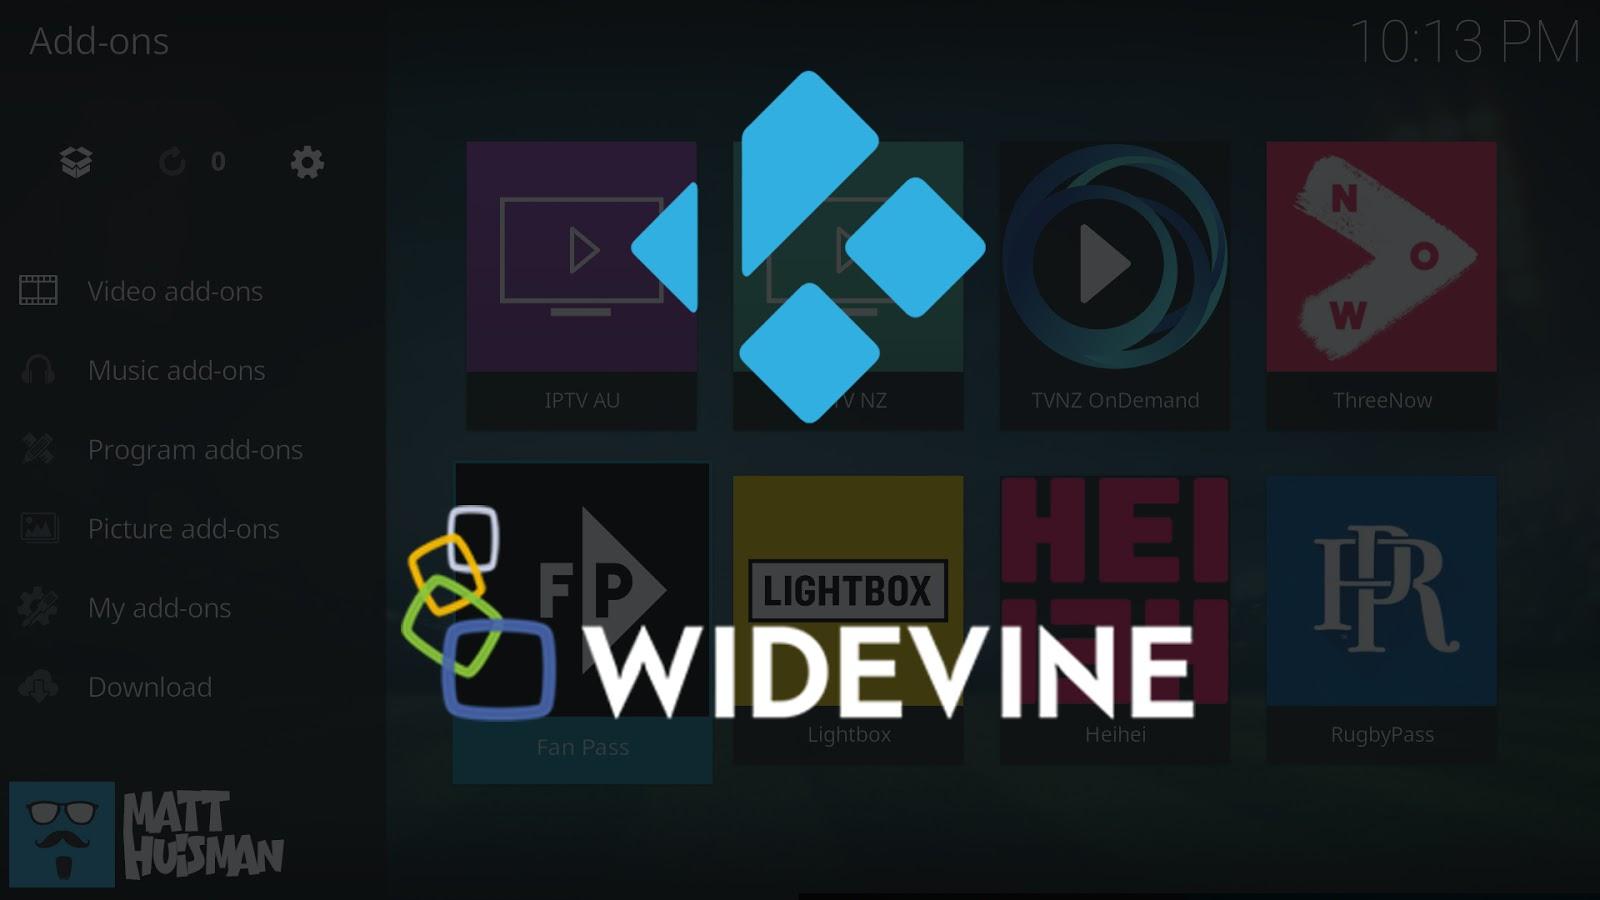 Kodi Widevine Support